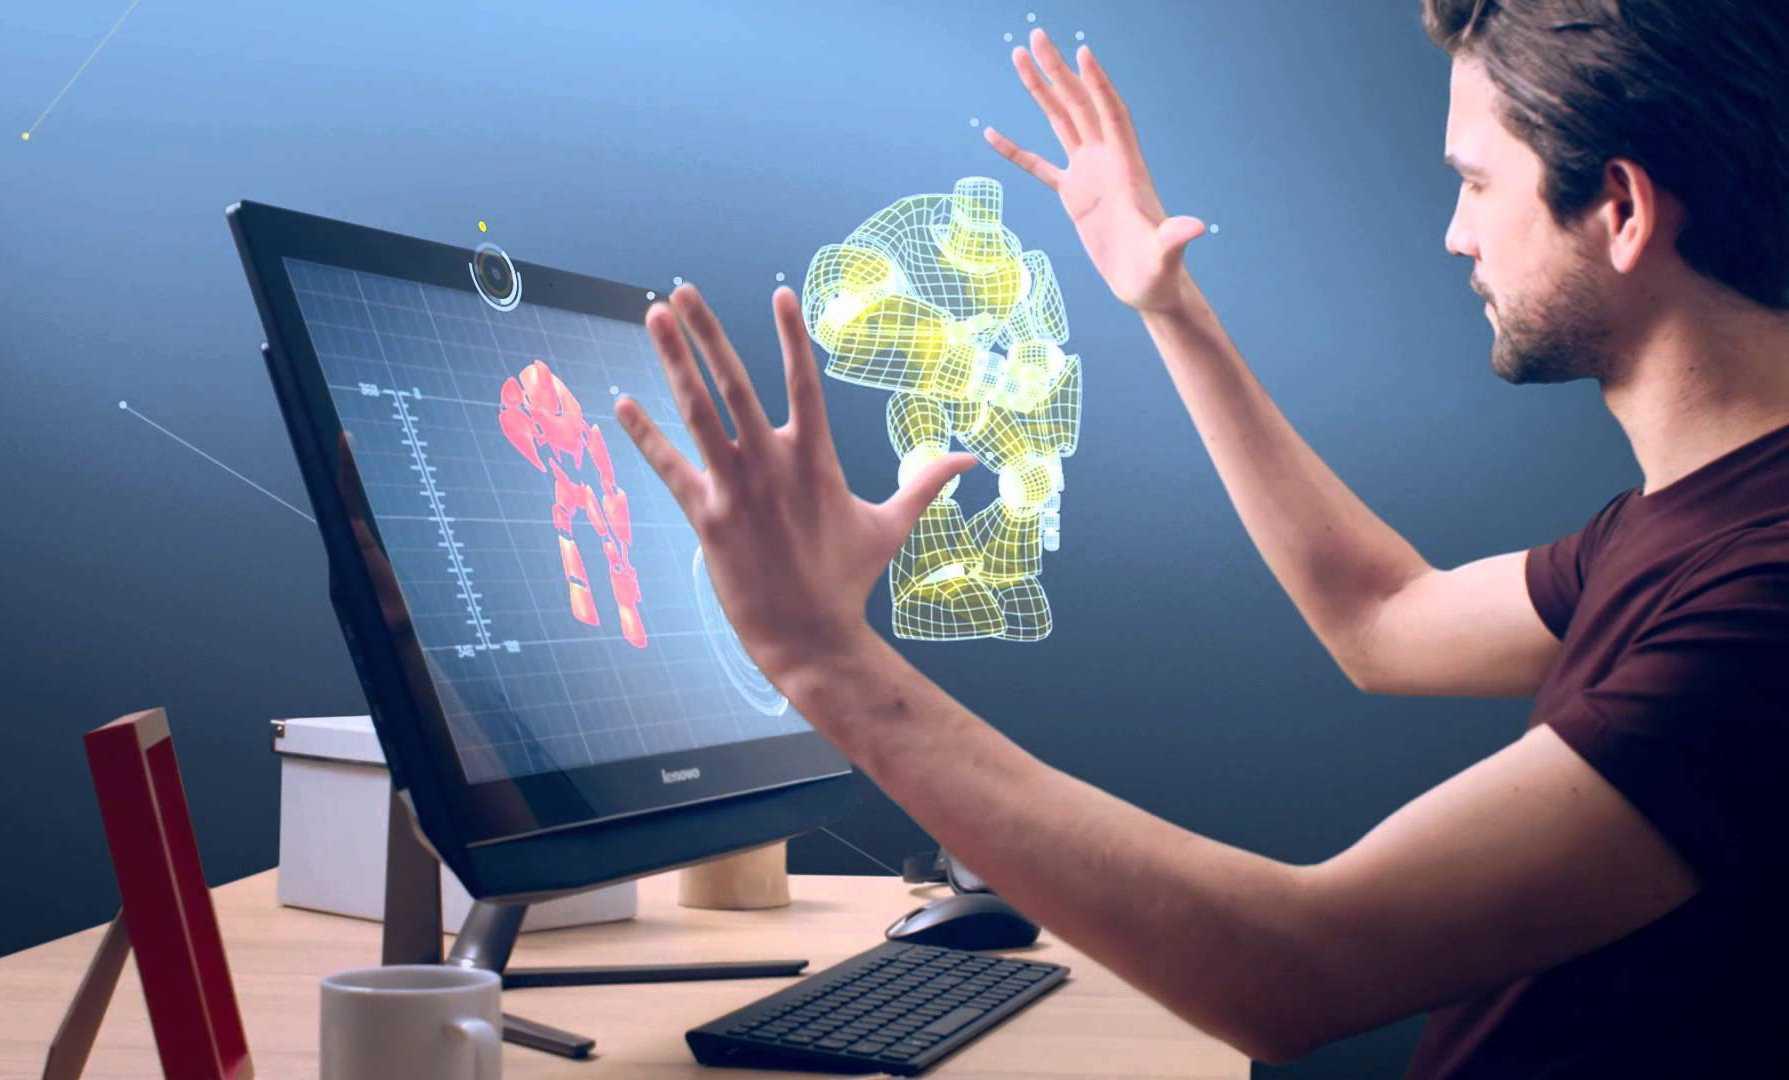 Технологии из фантастических фильмов vs реальное состояние medtech-индустрии | rusbase